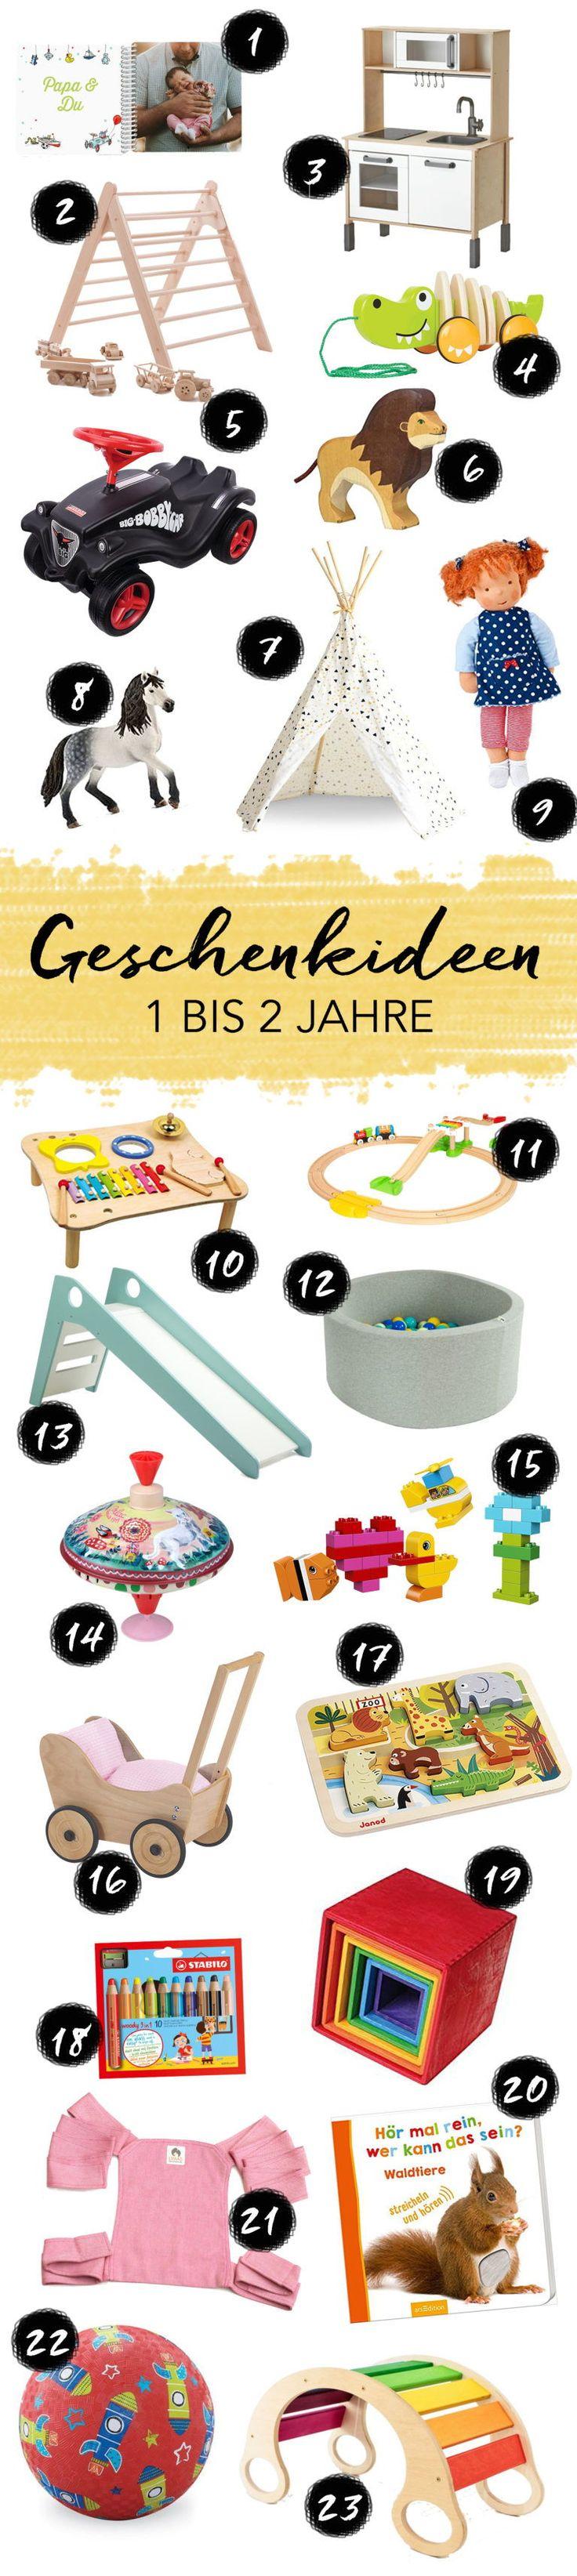 Geschenkideen für Kinder im Alter von 1 bis 2 Jahren